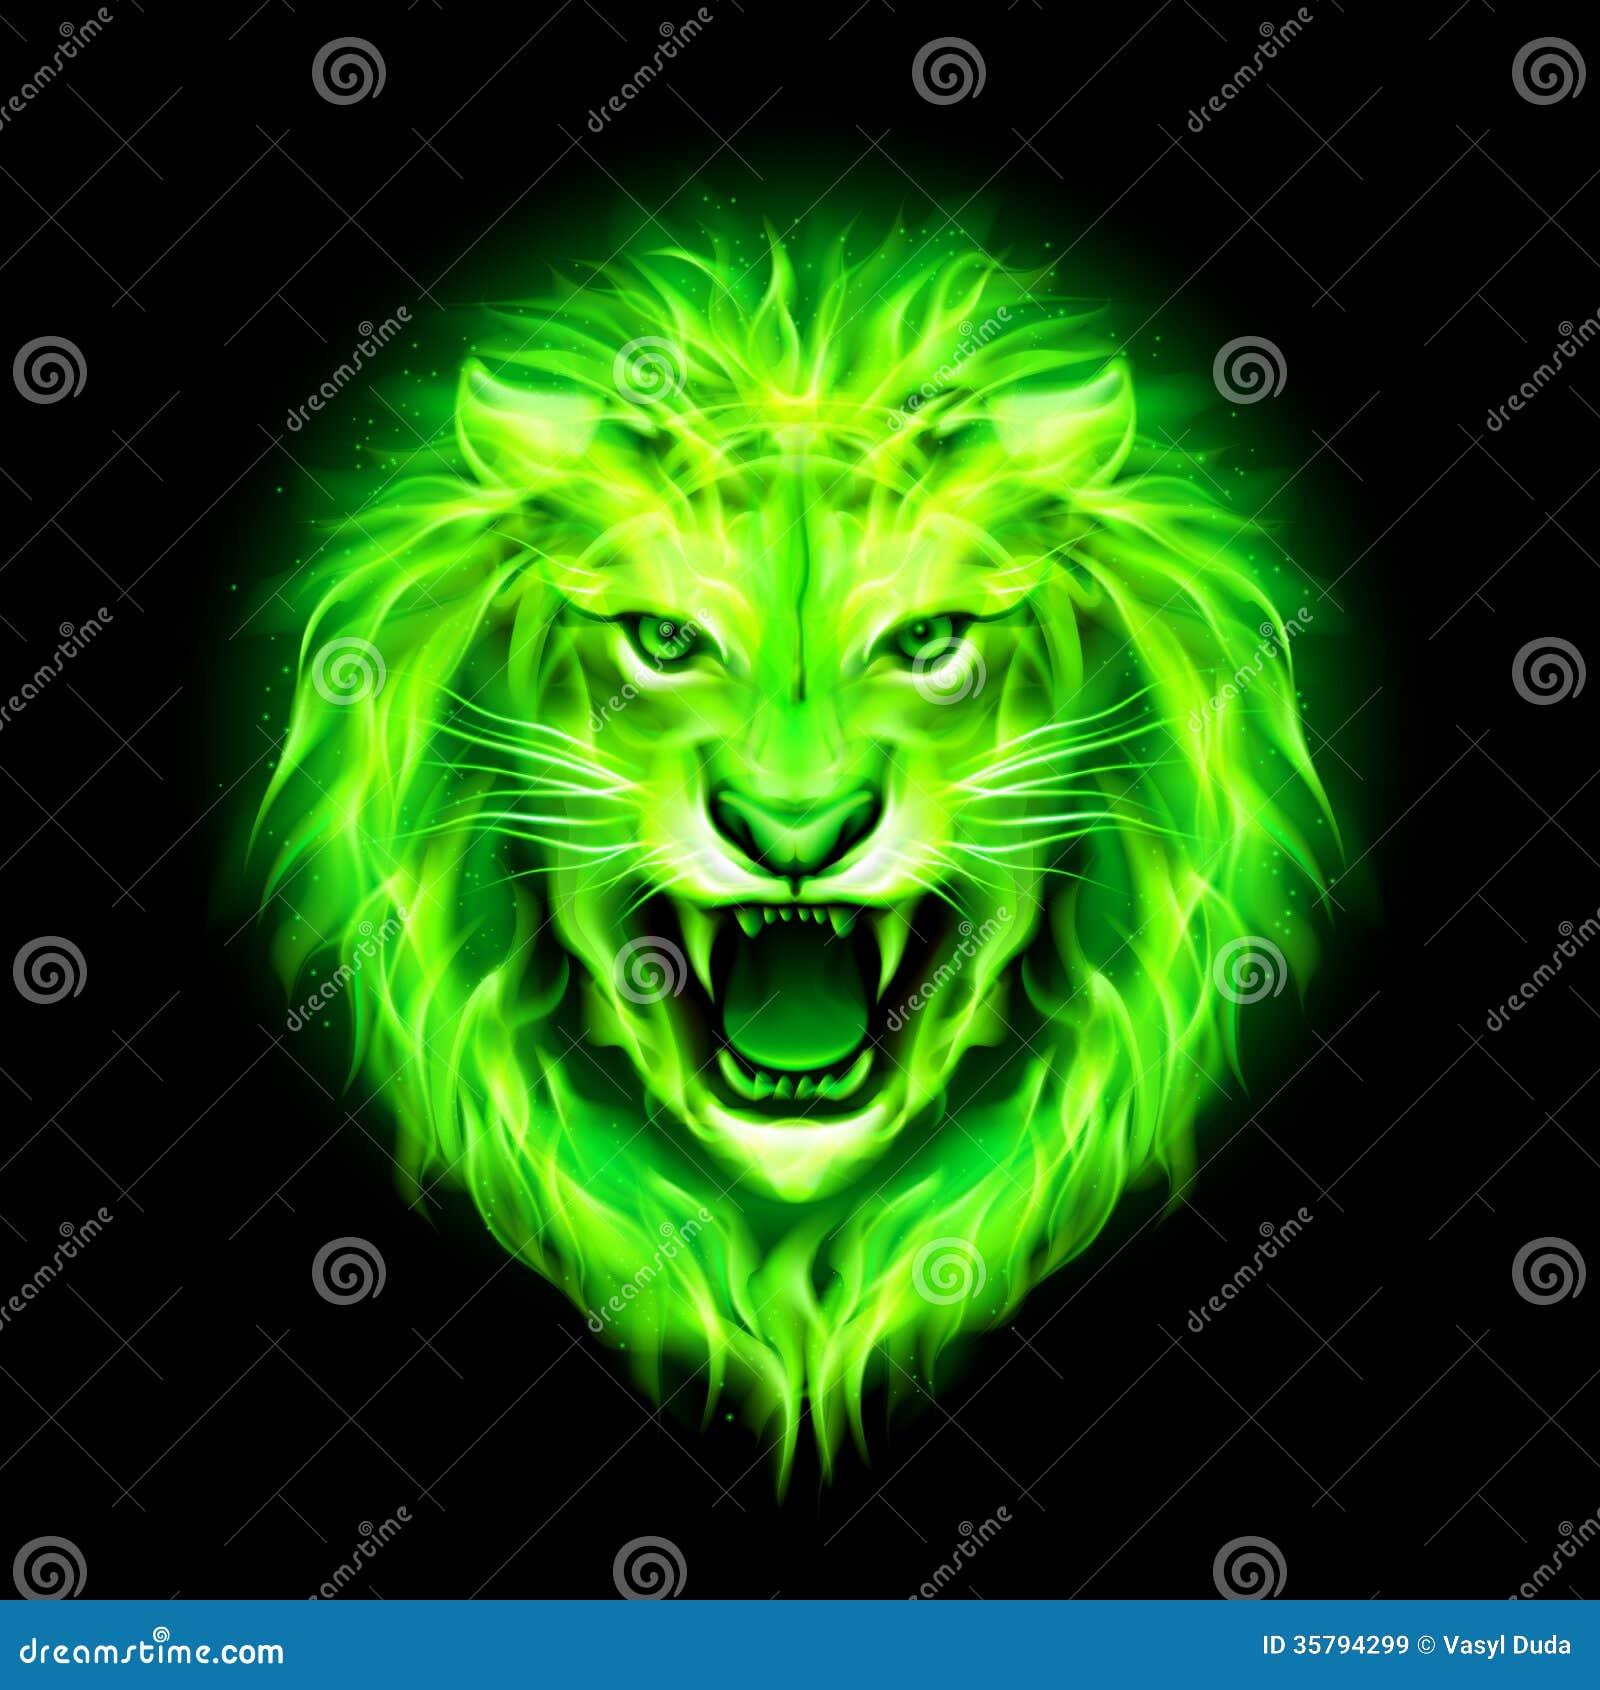 Free Green Flaming Skull Wallpaper